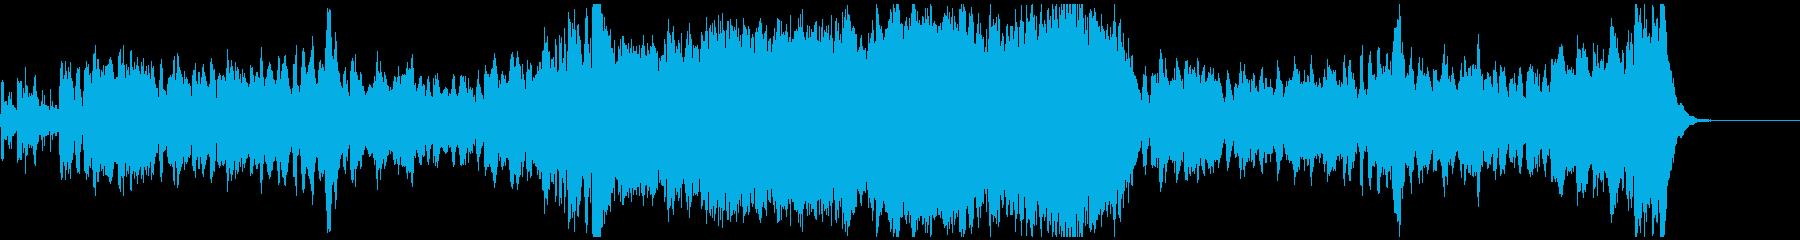 弦楽四重奏1の再生済みの波形